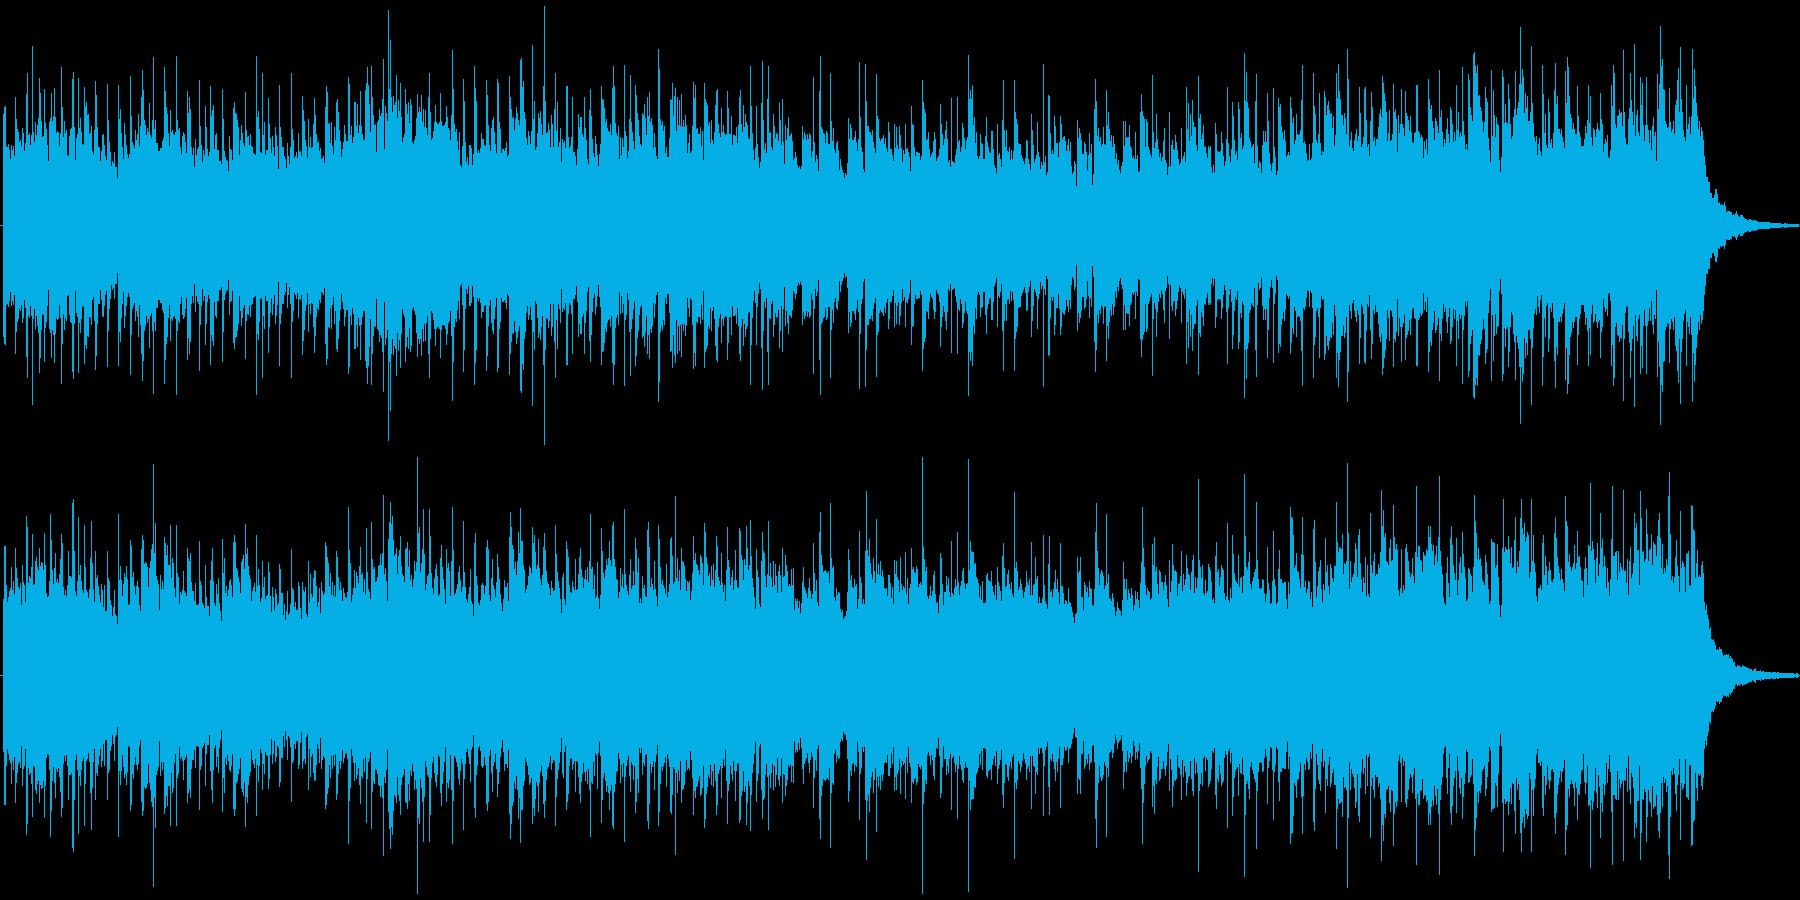 シンセとエレキギターのロックの再生済みの波形